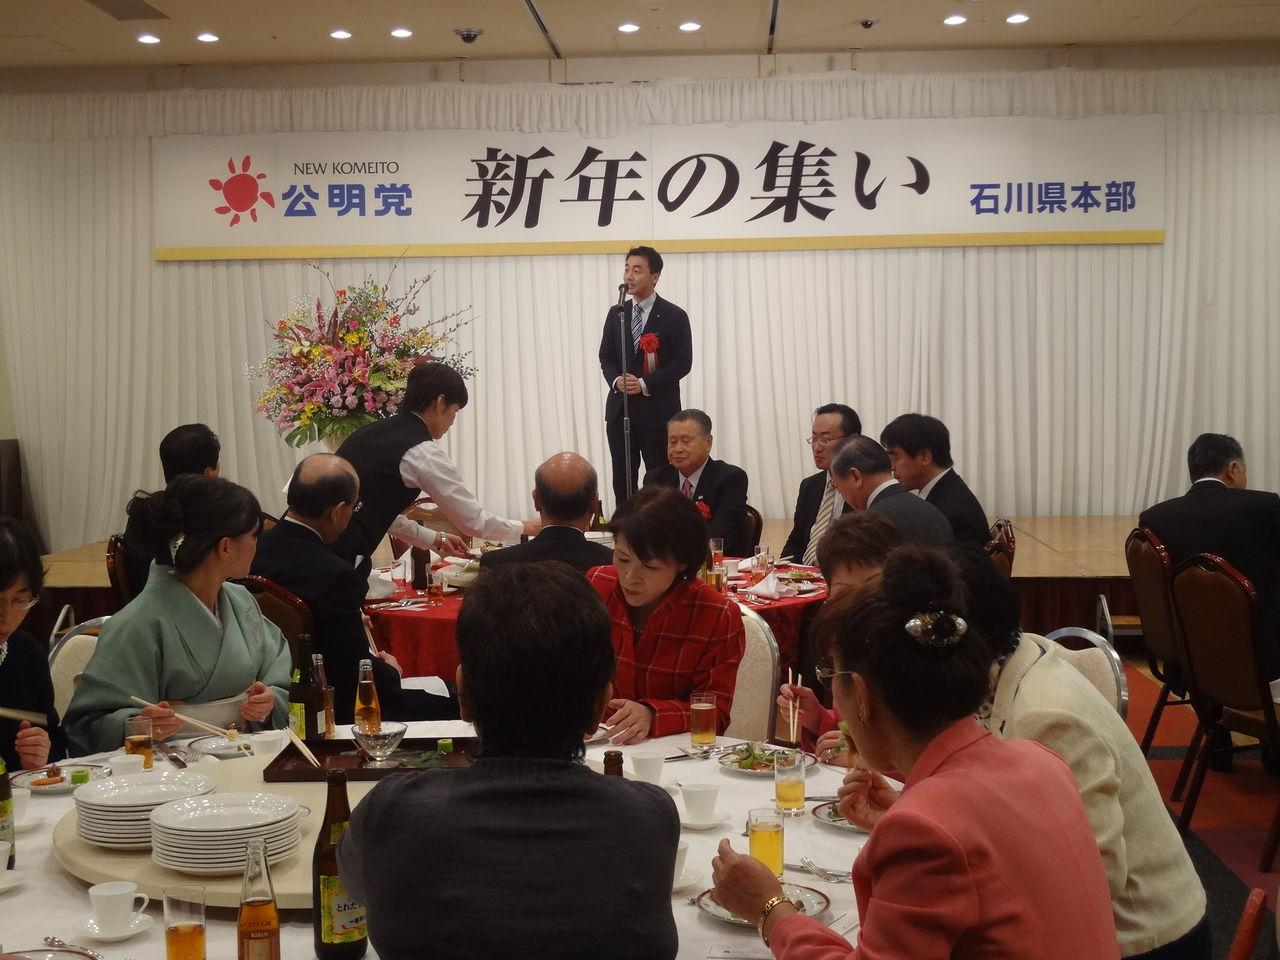 2013:01:14:2148公明党石川県本部新年の集い